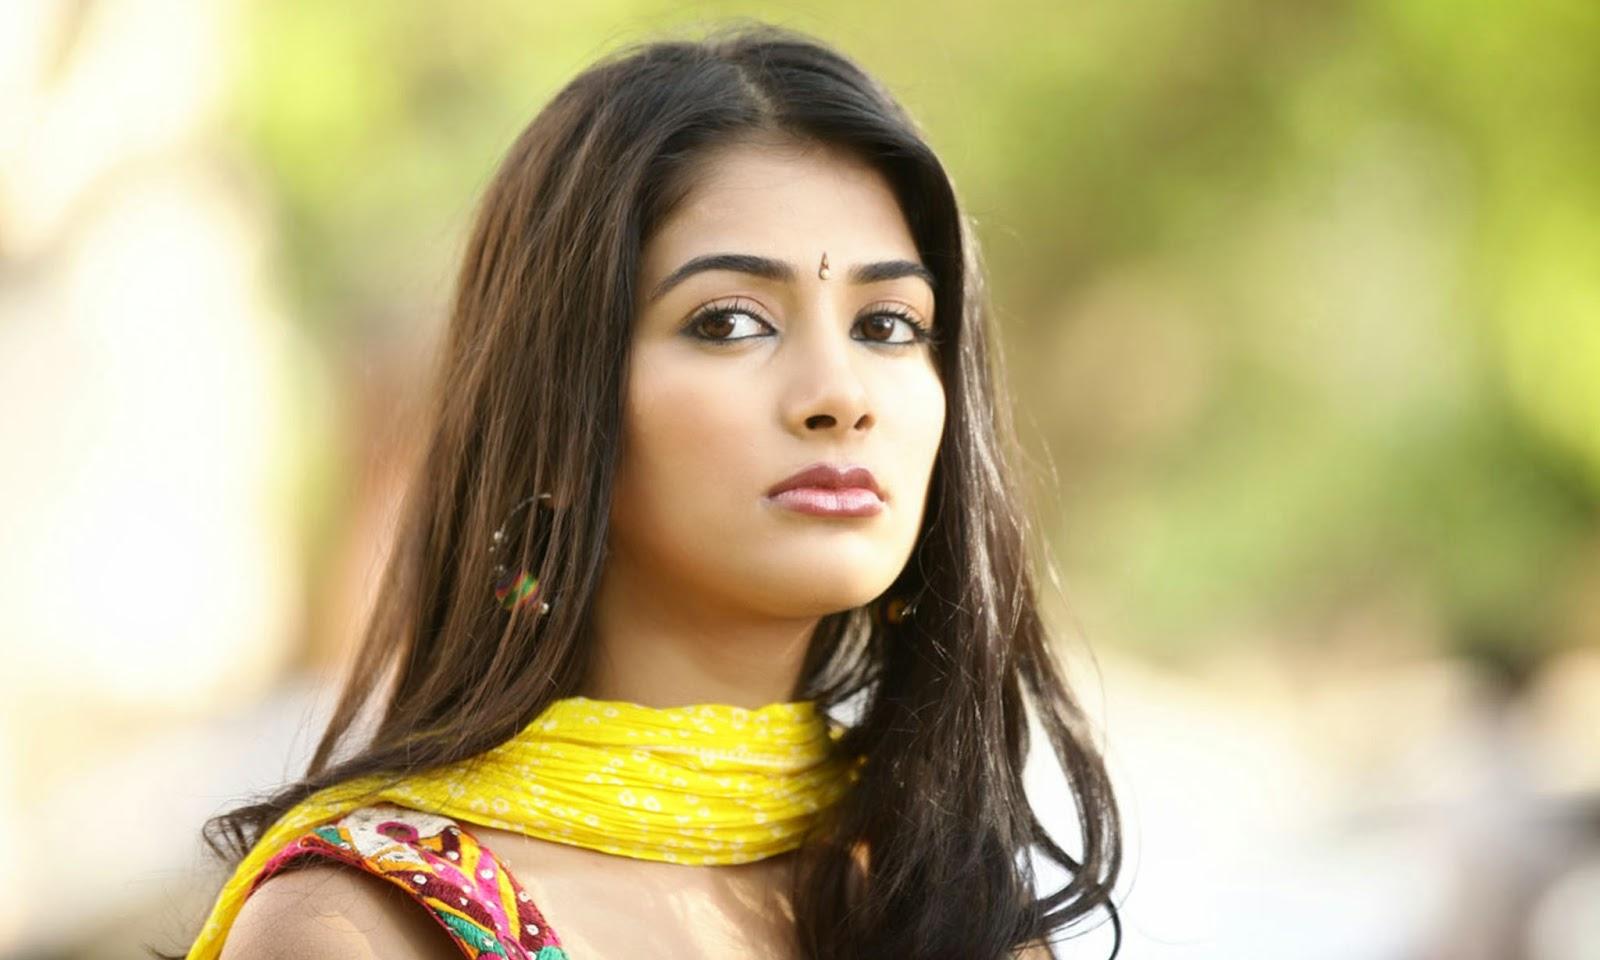 Pooja videos - XVIDEOS.COM Www xxx miss pooja com